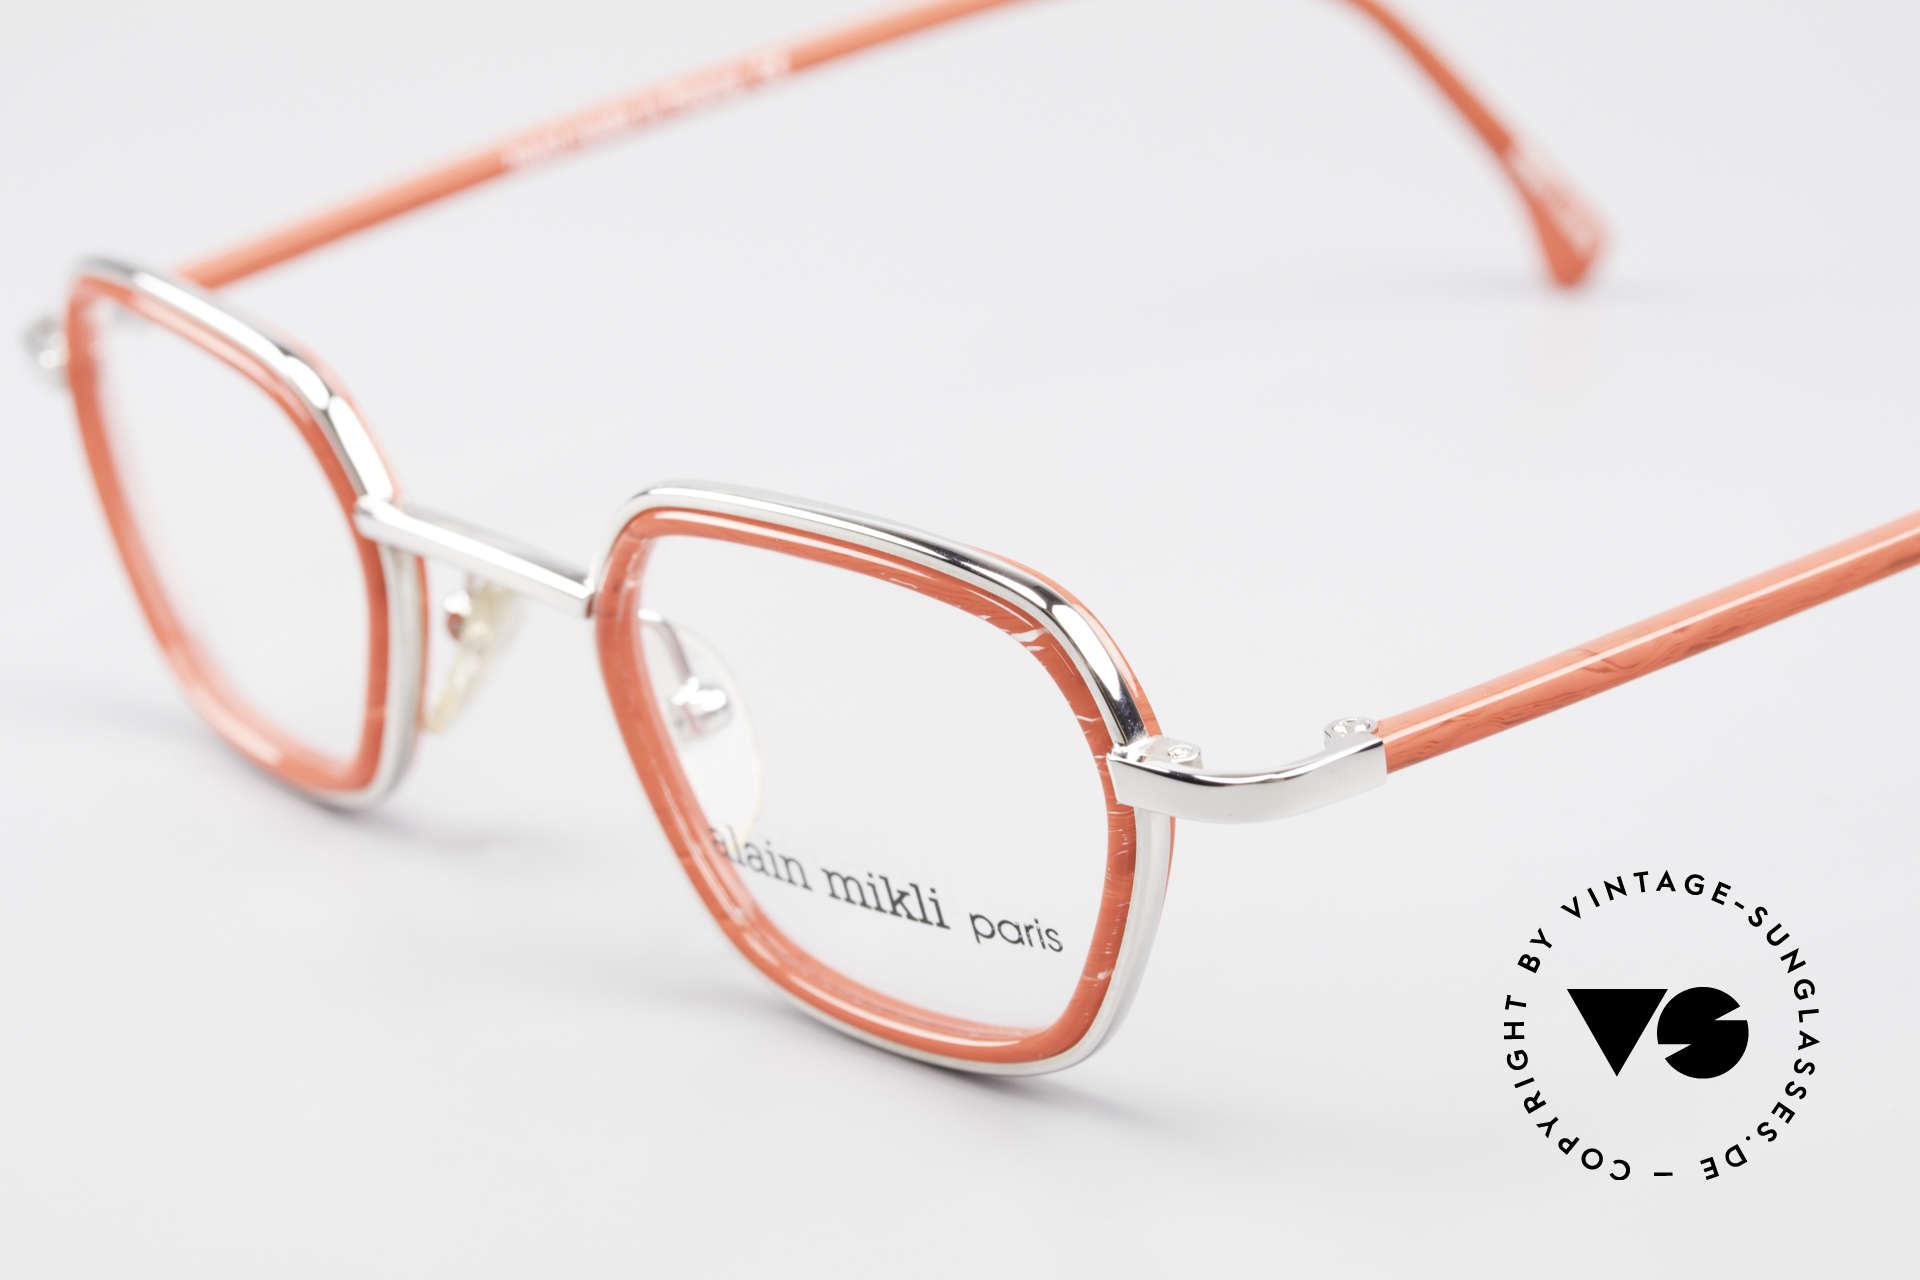 Alain Mikli 1642 / 1006 Vintage Eyeglasses Mikli Red, unworn NOS (like all our rare vintage Mikli frames), Made for Women